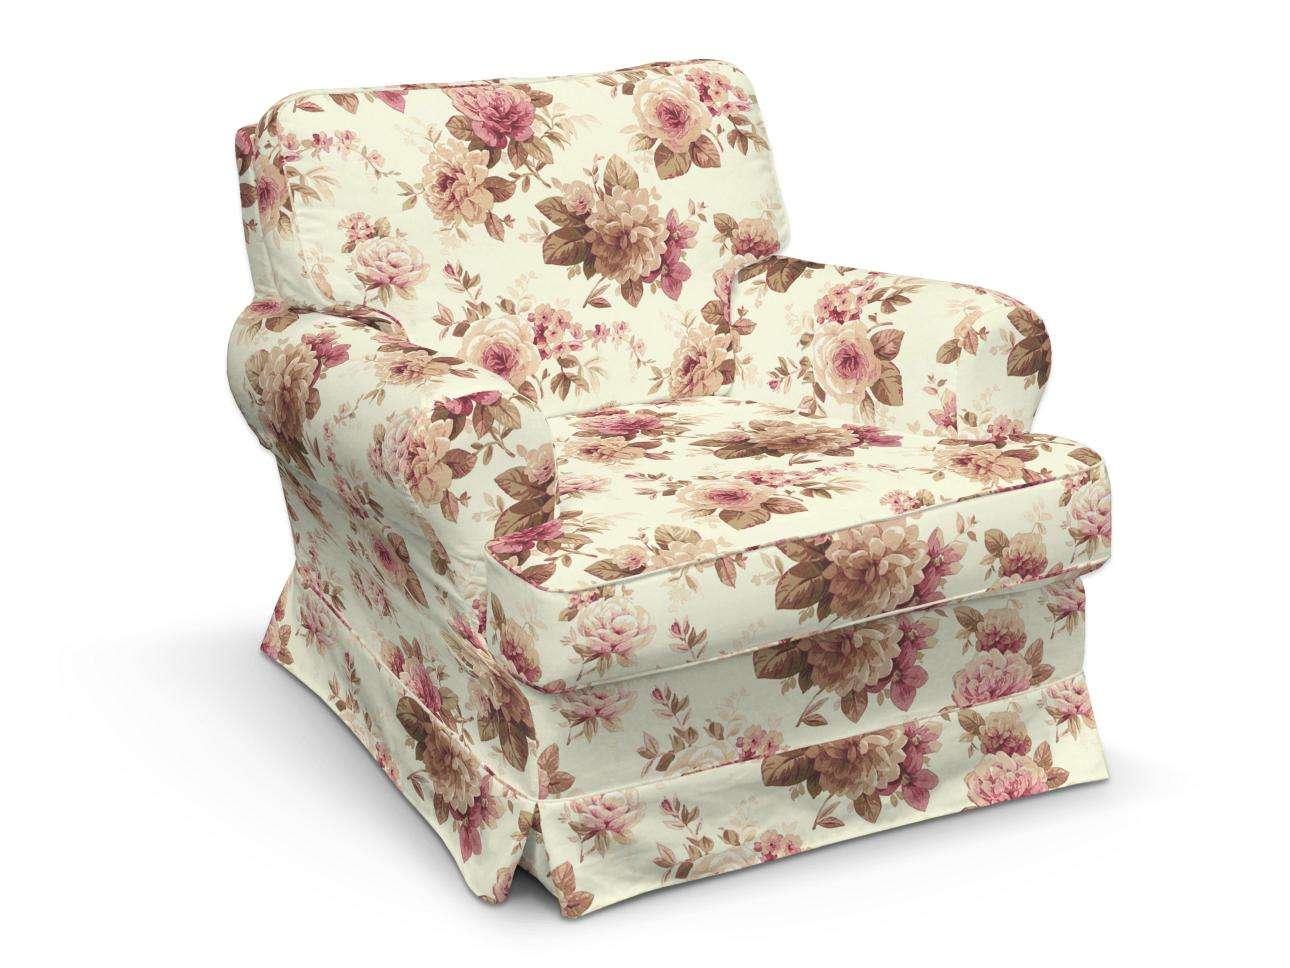 Pokrowiec na fotel Barkaby fotel Barkaby w kolekcji Mirella, tkanina: 141-06